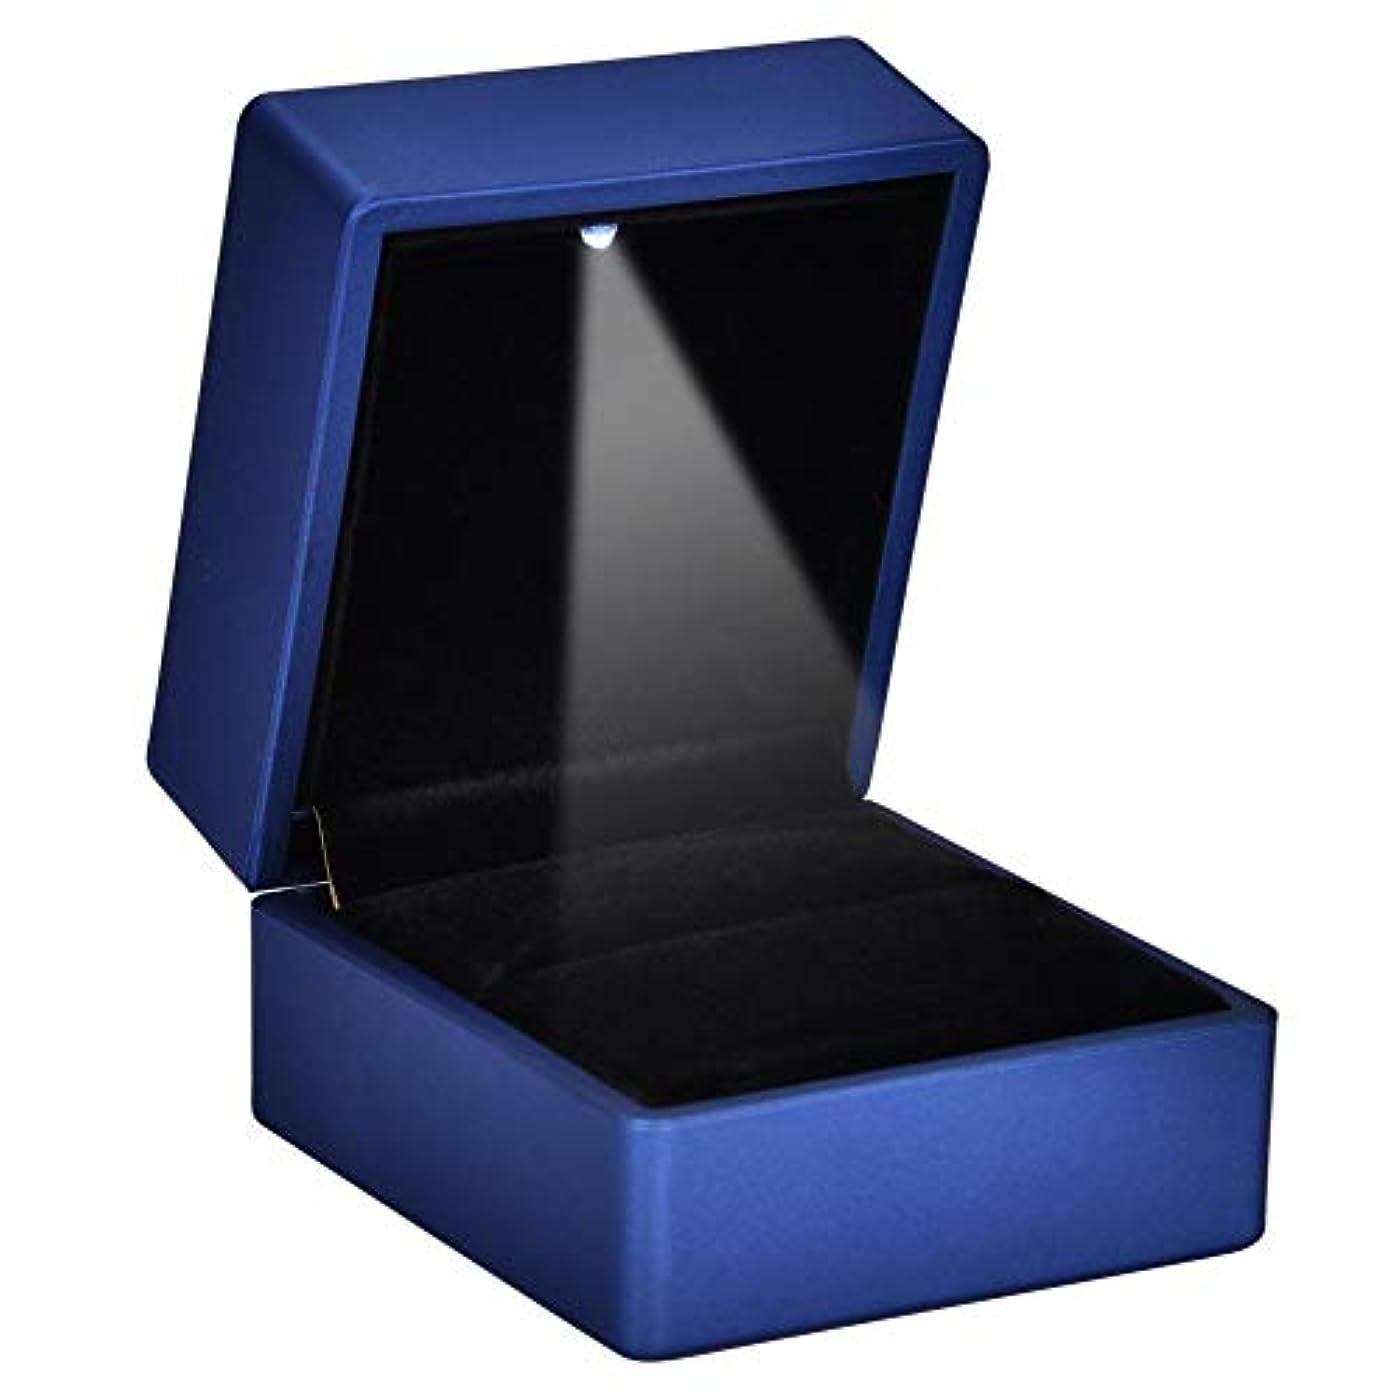 割る大人絶滅させる2種類ファッショナブルなLEDリングボックス - 内部LED照明付きリングケース、ジュエリーホルダーリング収納ケース、結婚式の提案(ブルー-90 * 70 * 35)